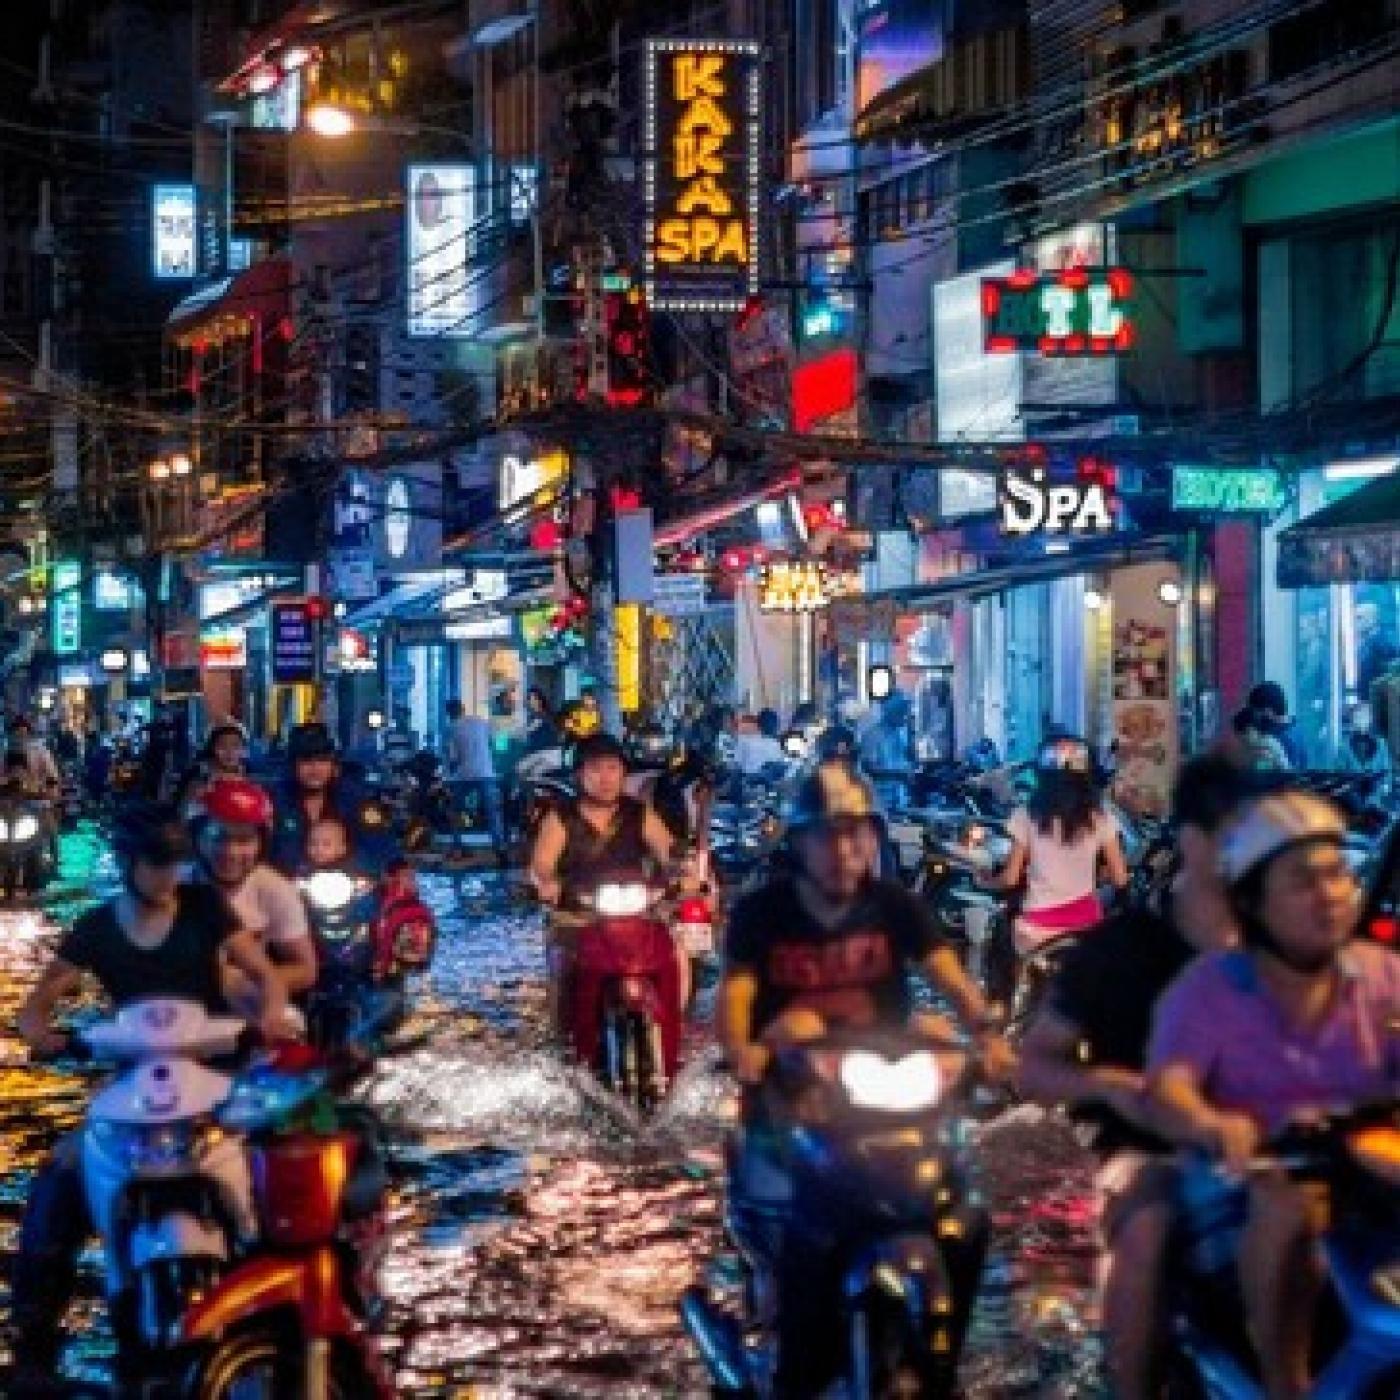 David au Vietnam (Saigon) - 07 10 2020